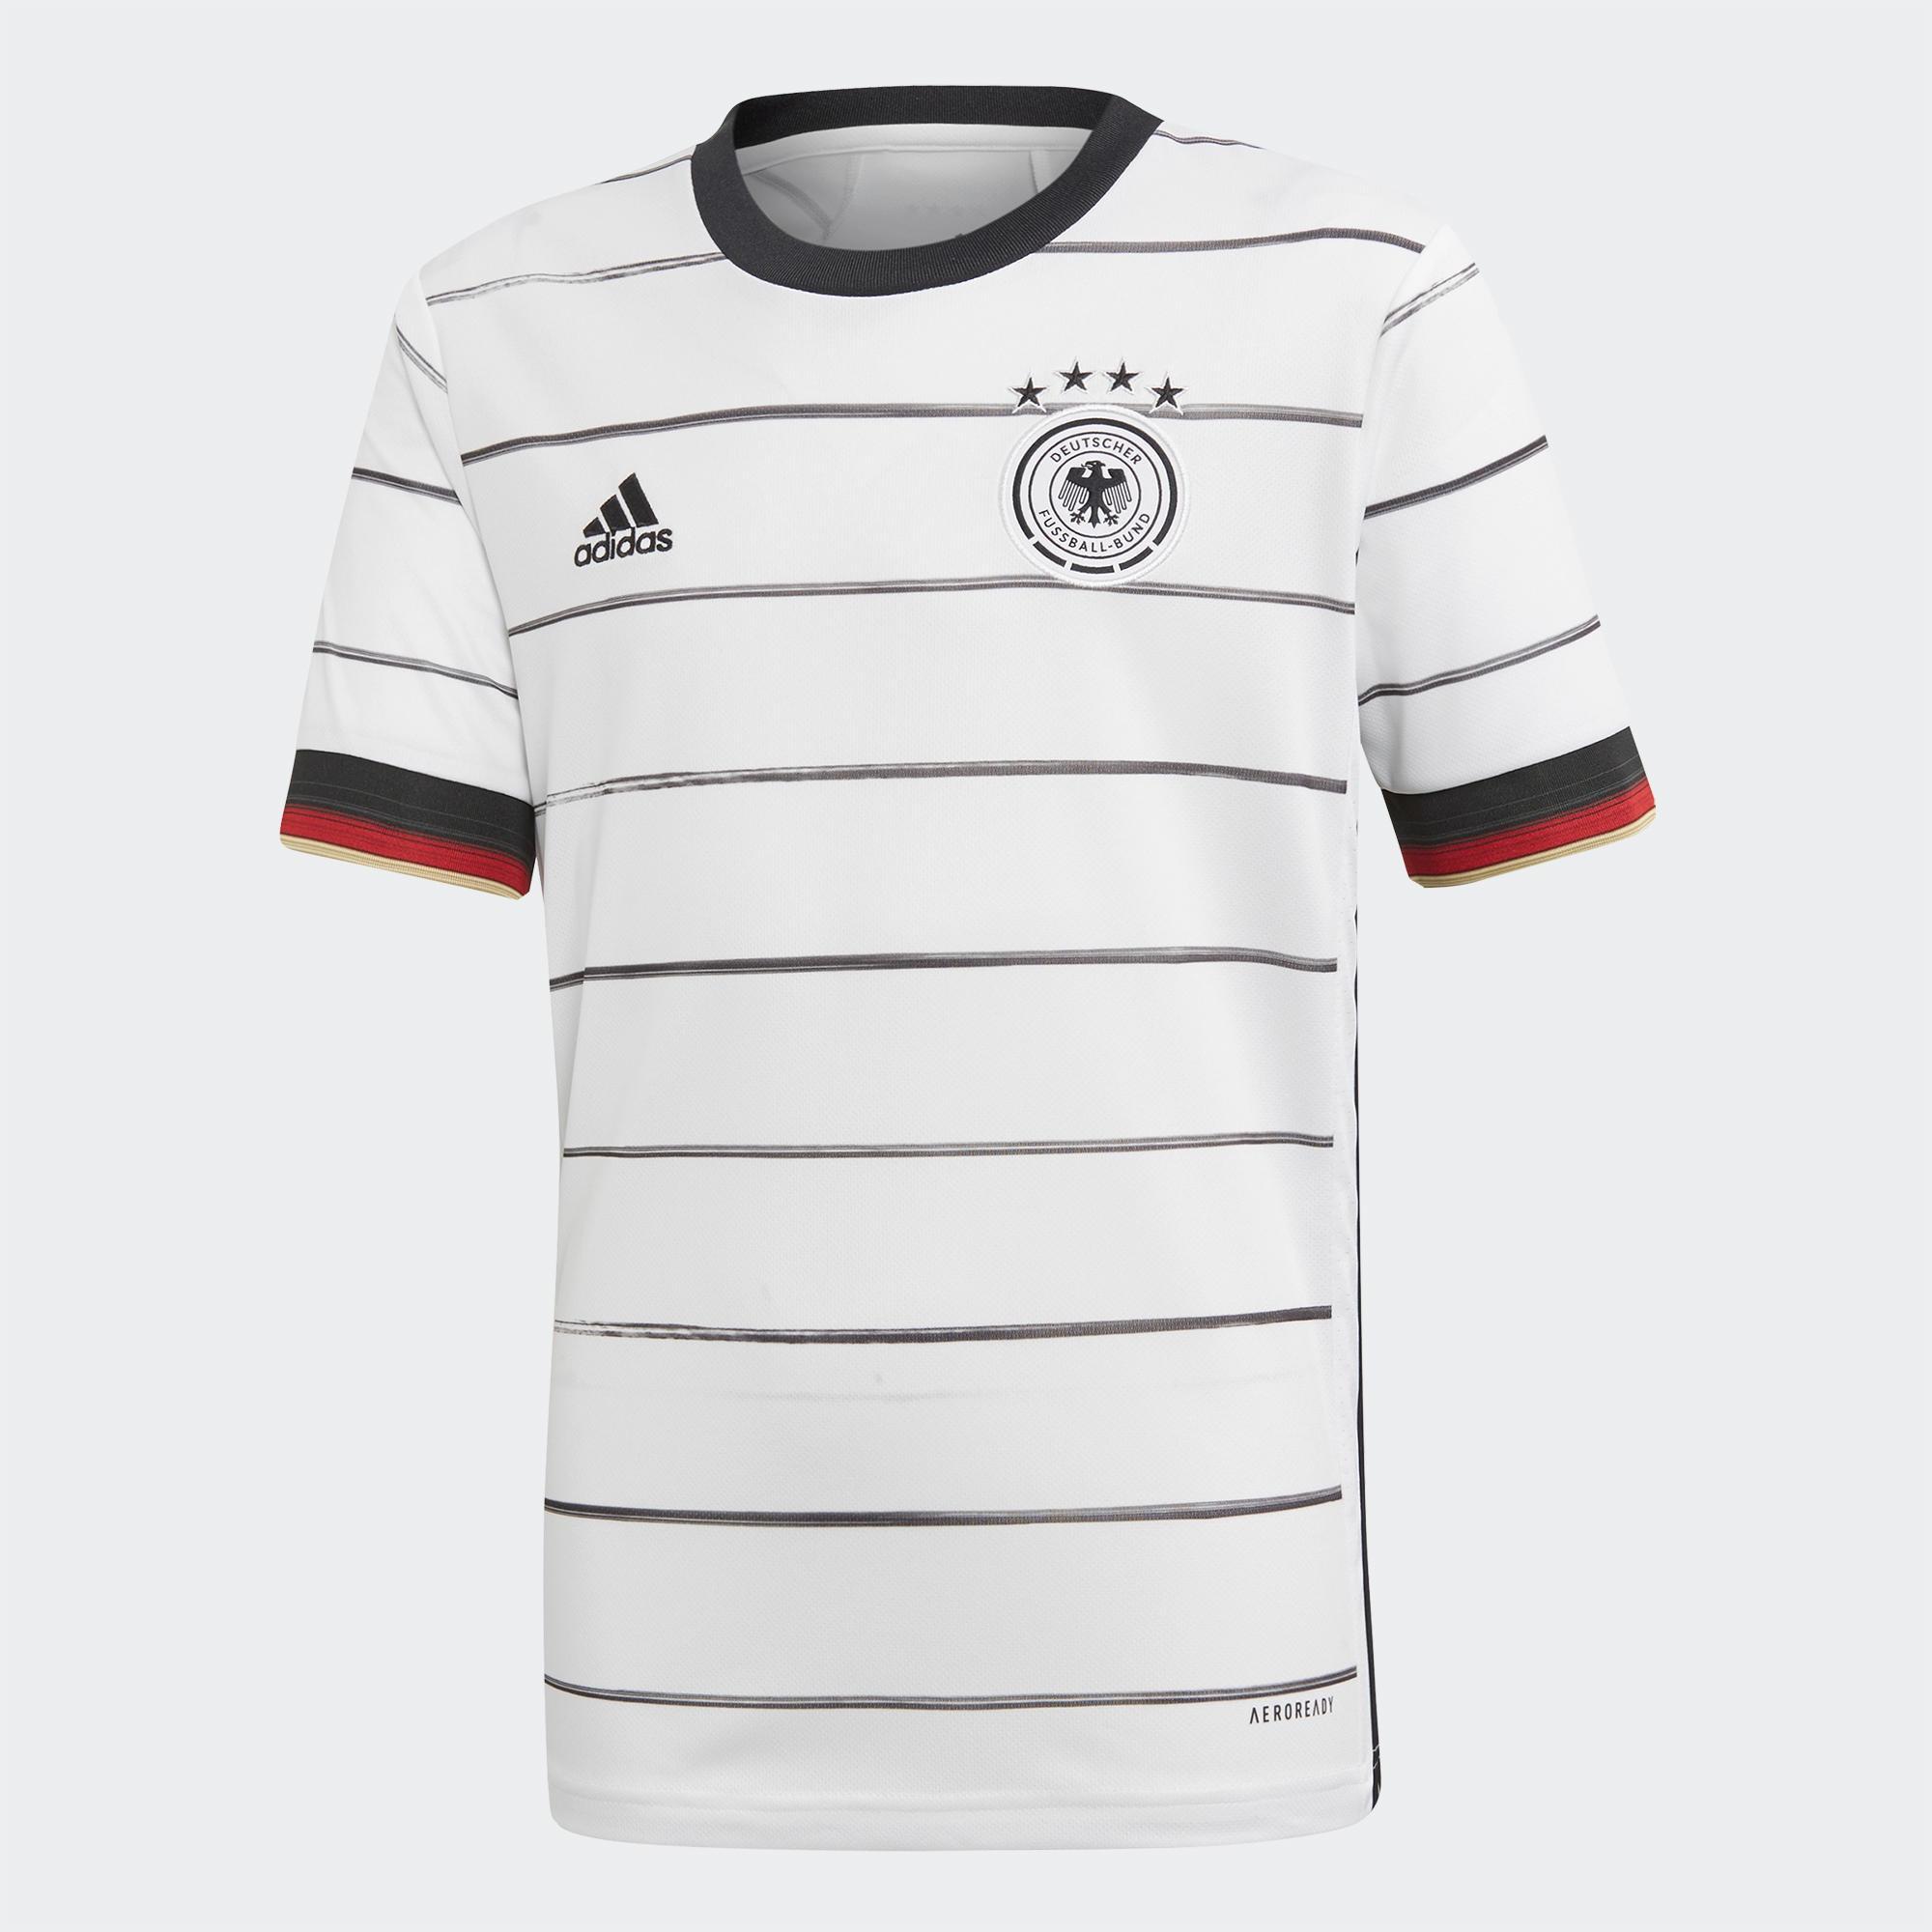 تی شرت ورزشی مردانه طرح تیم ملی آلمان مدل یورو 2020 کد pt رنگ سفید